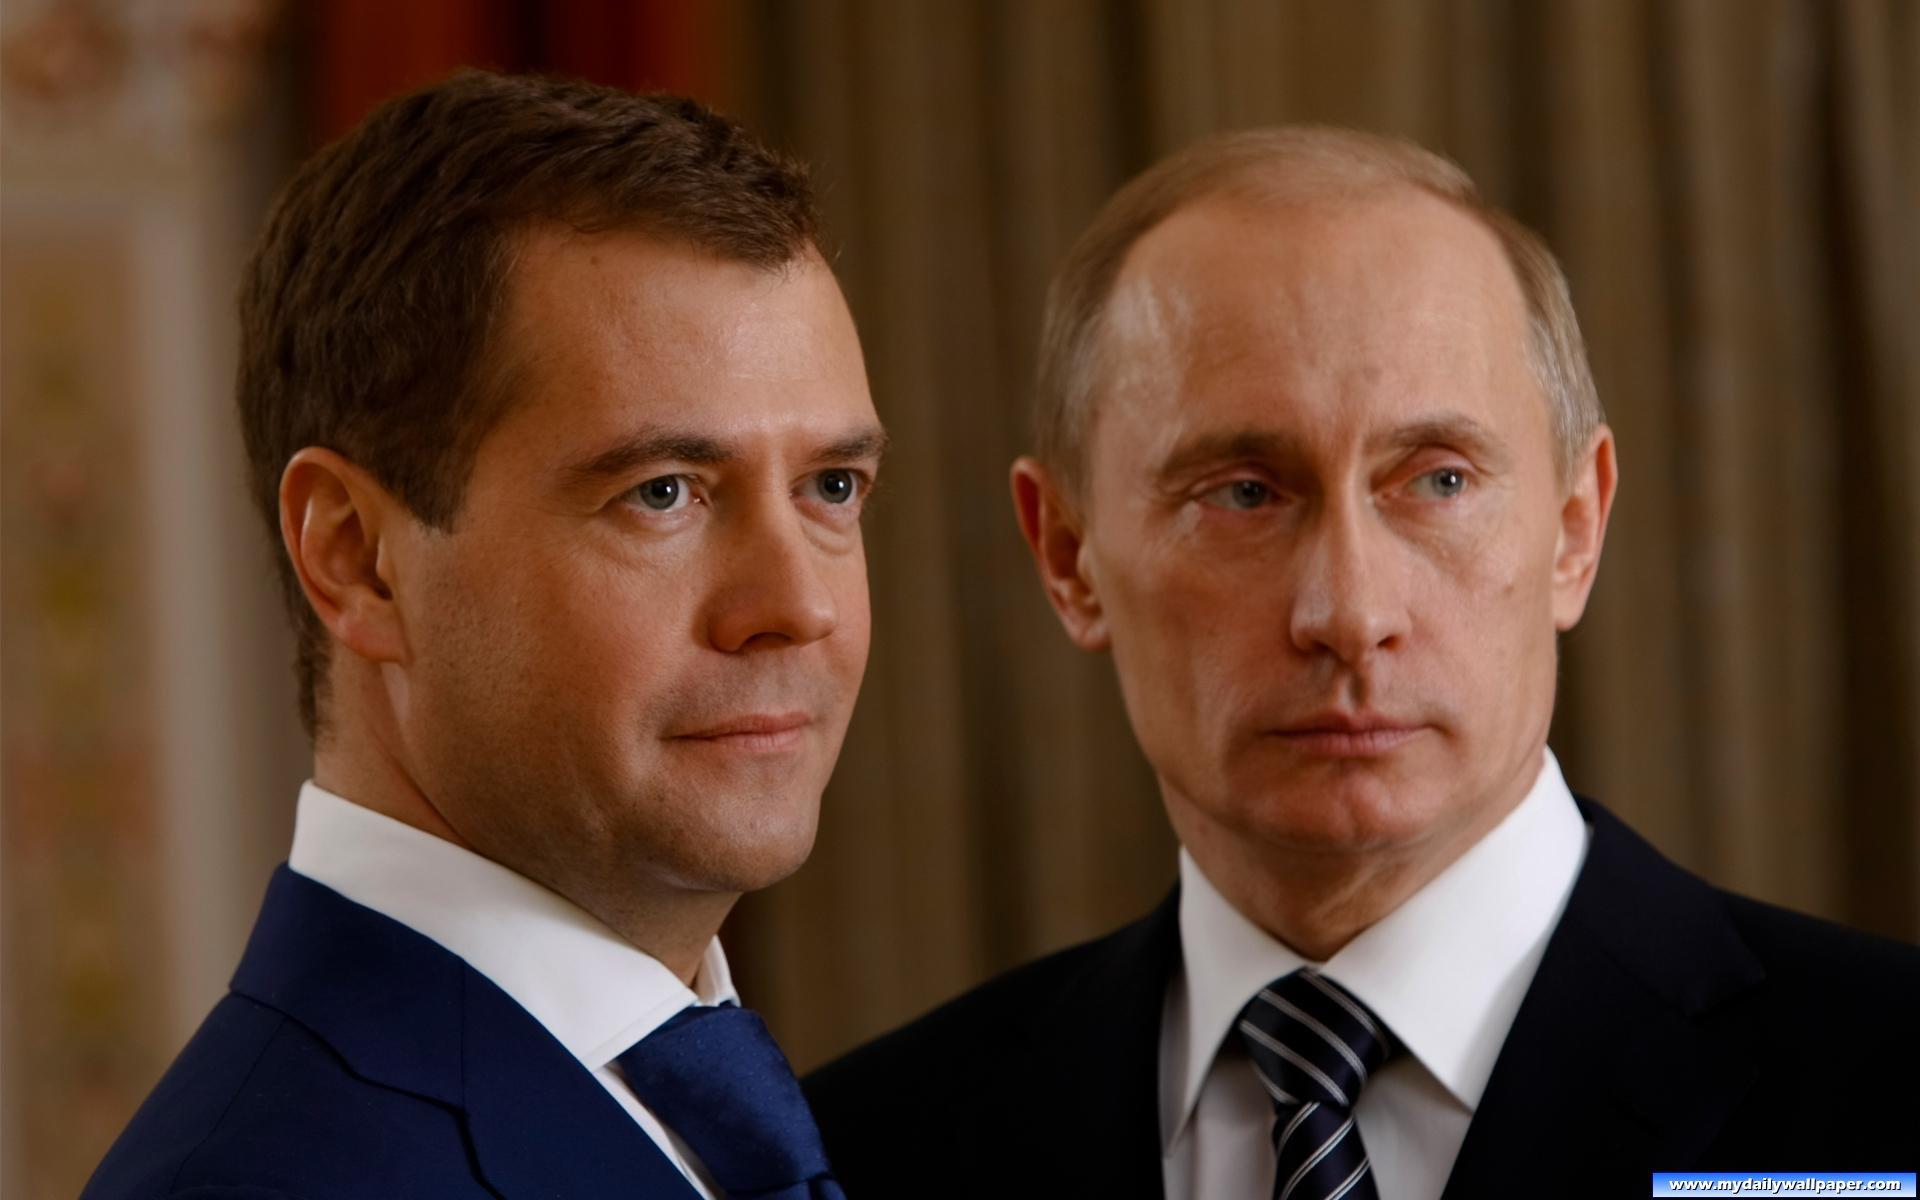 Прикольные фото путина и медведева 5 фотография